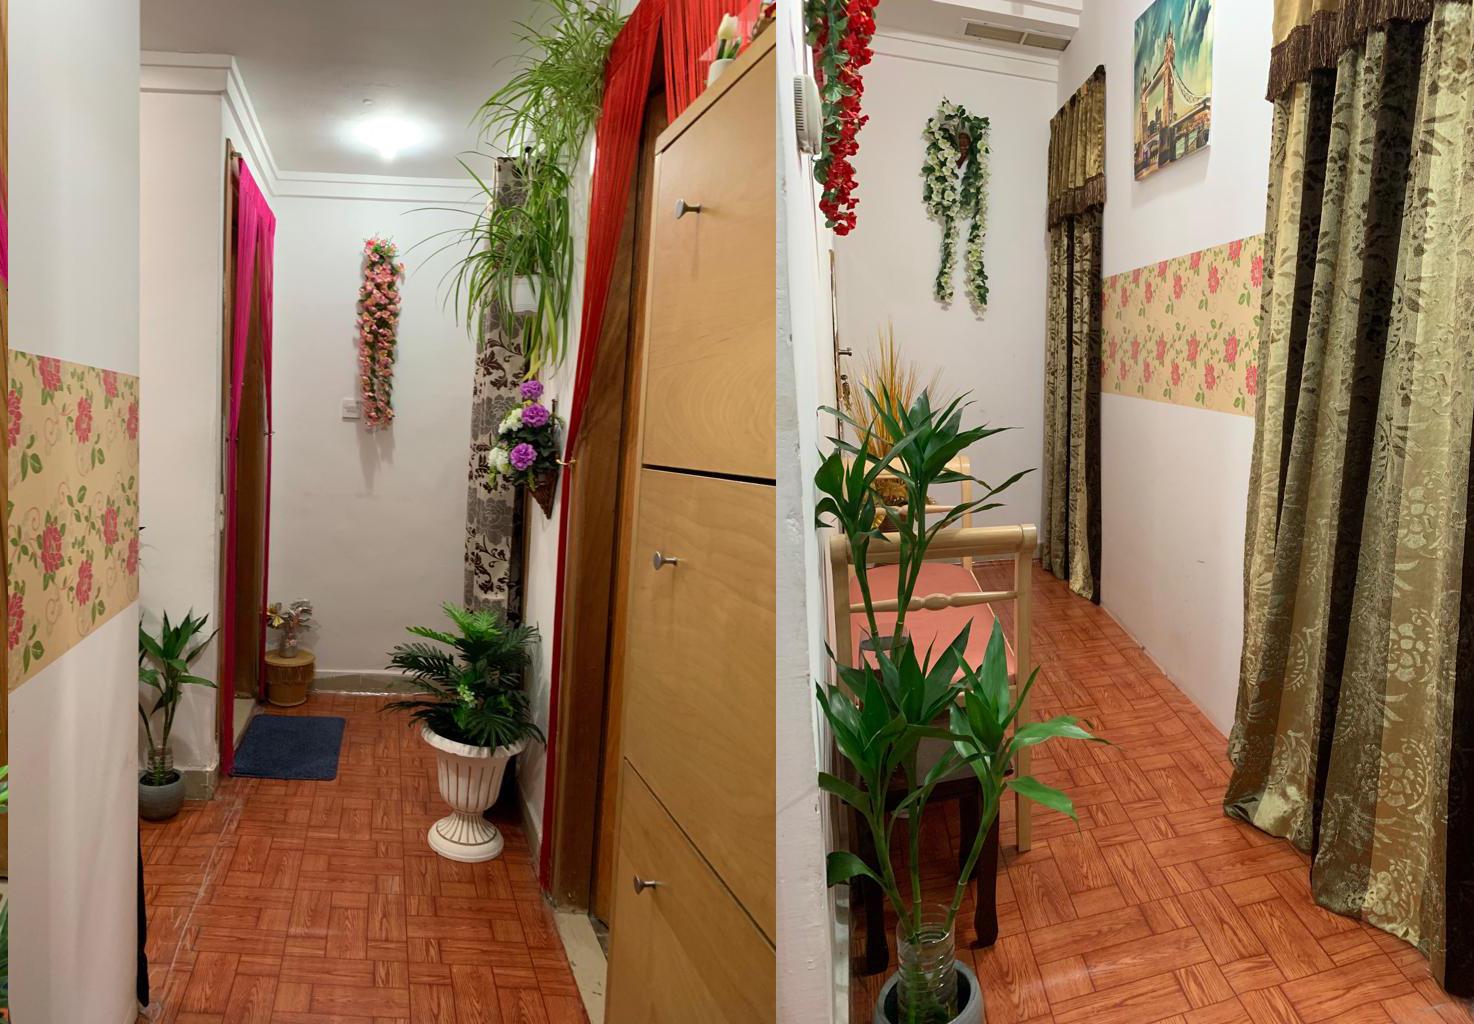 BiG Room & BiG PARTITION for RENT - Huwalli